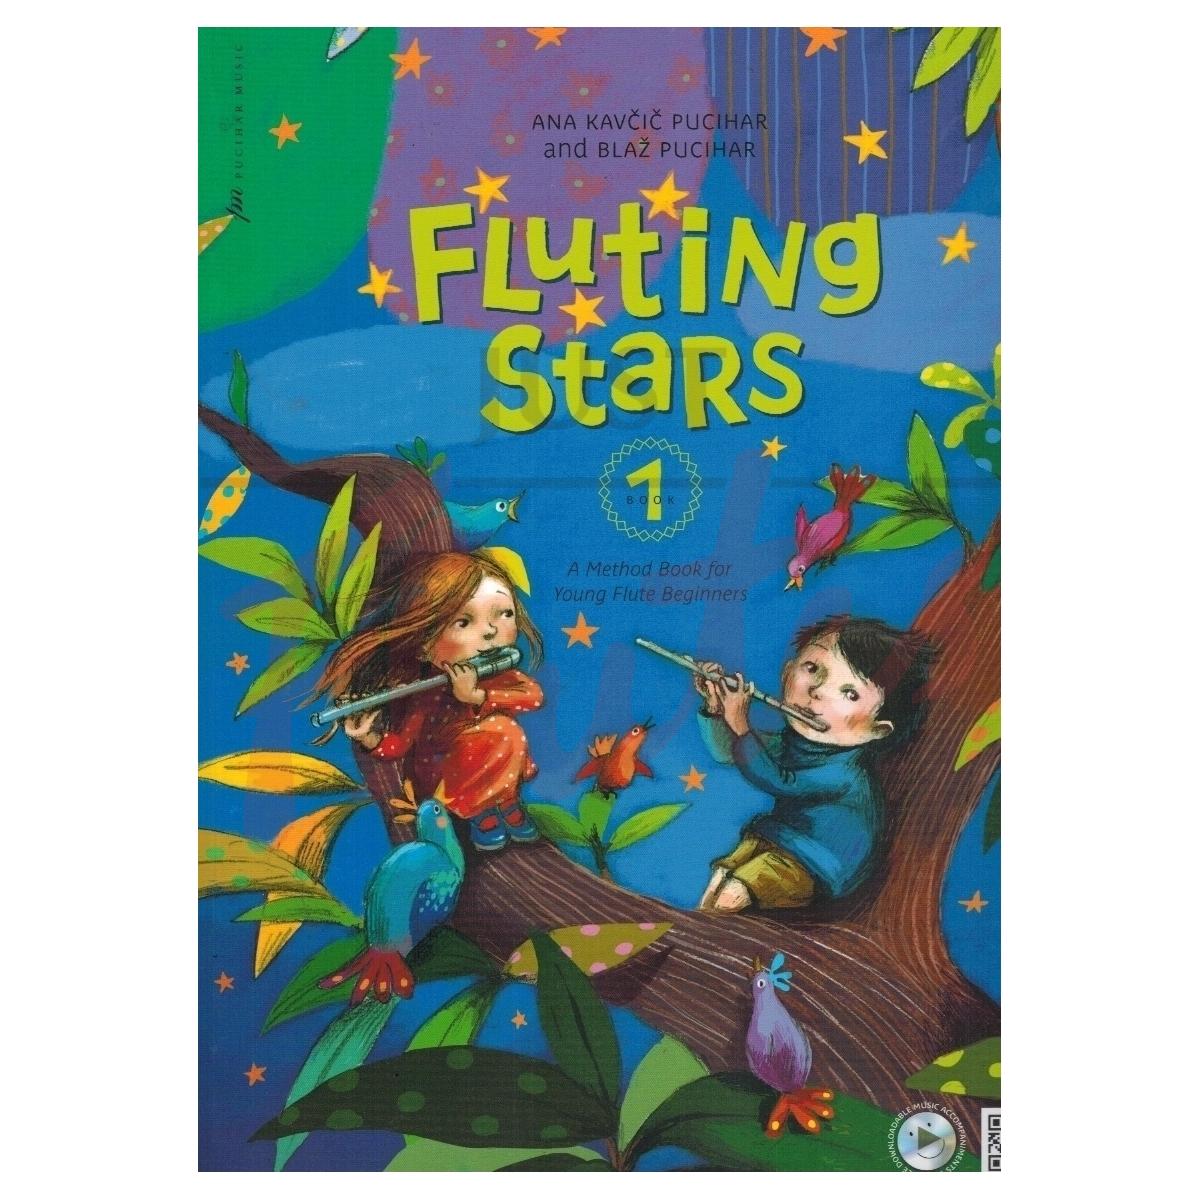 Fluting Stars Cover